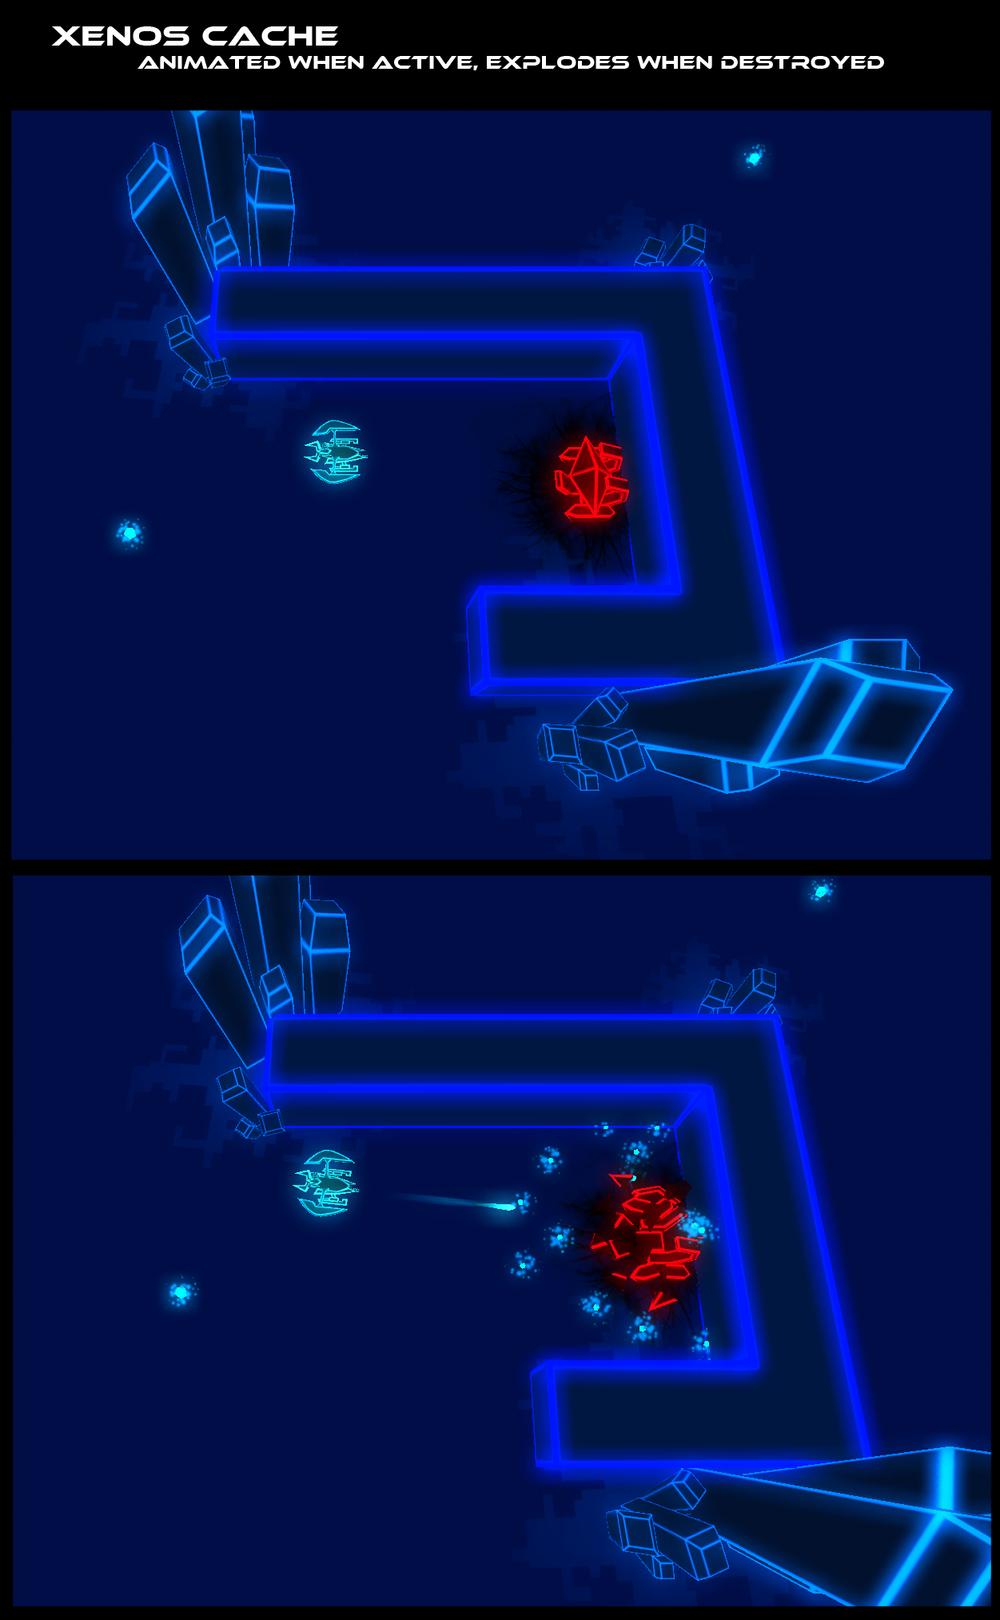 xenos-cache-DavesForge.com_.jpg